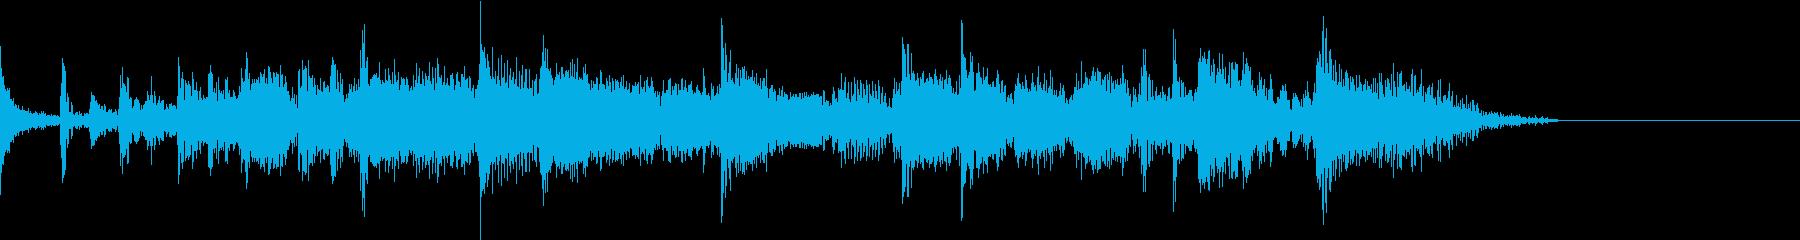 明るい疾走感の定番ロックンロールジングルの再生済みの波形